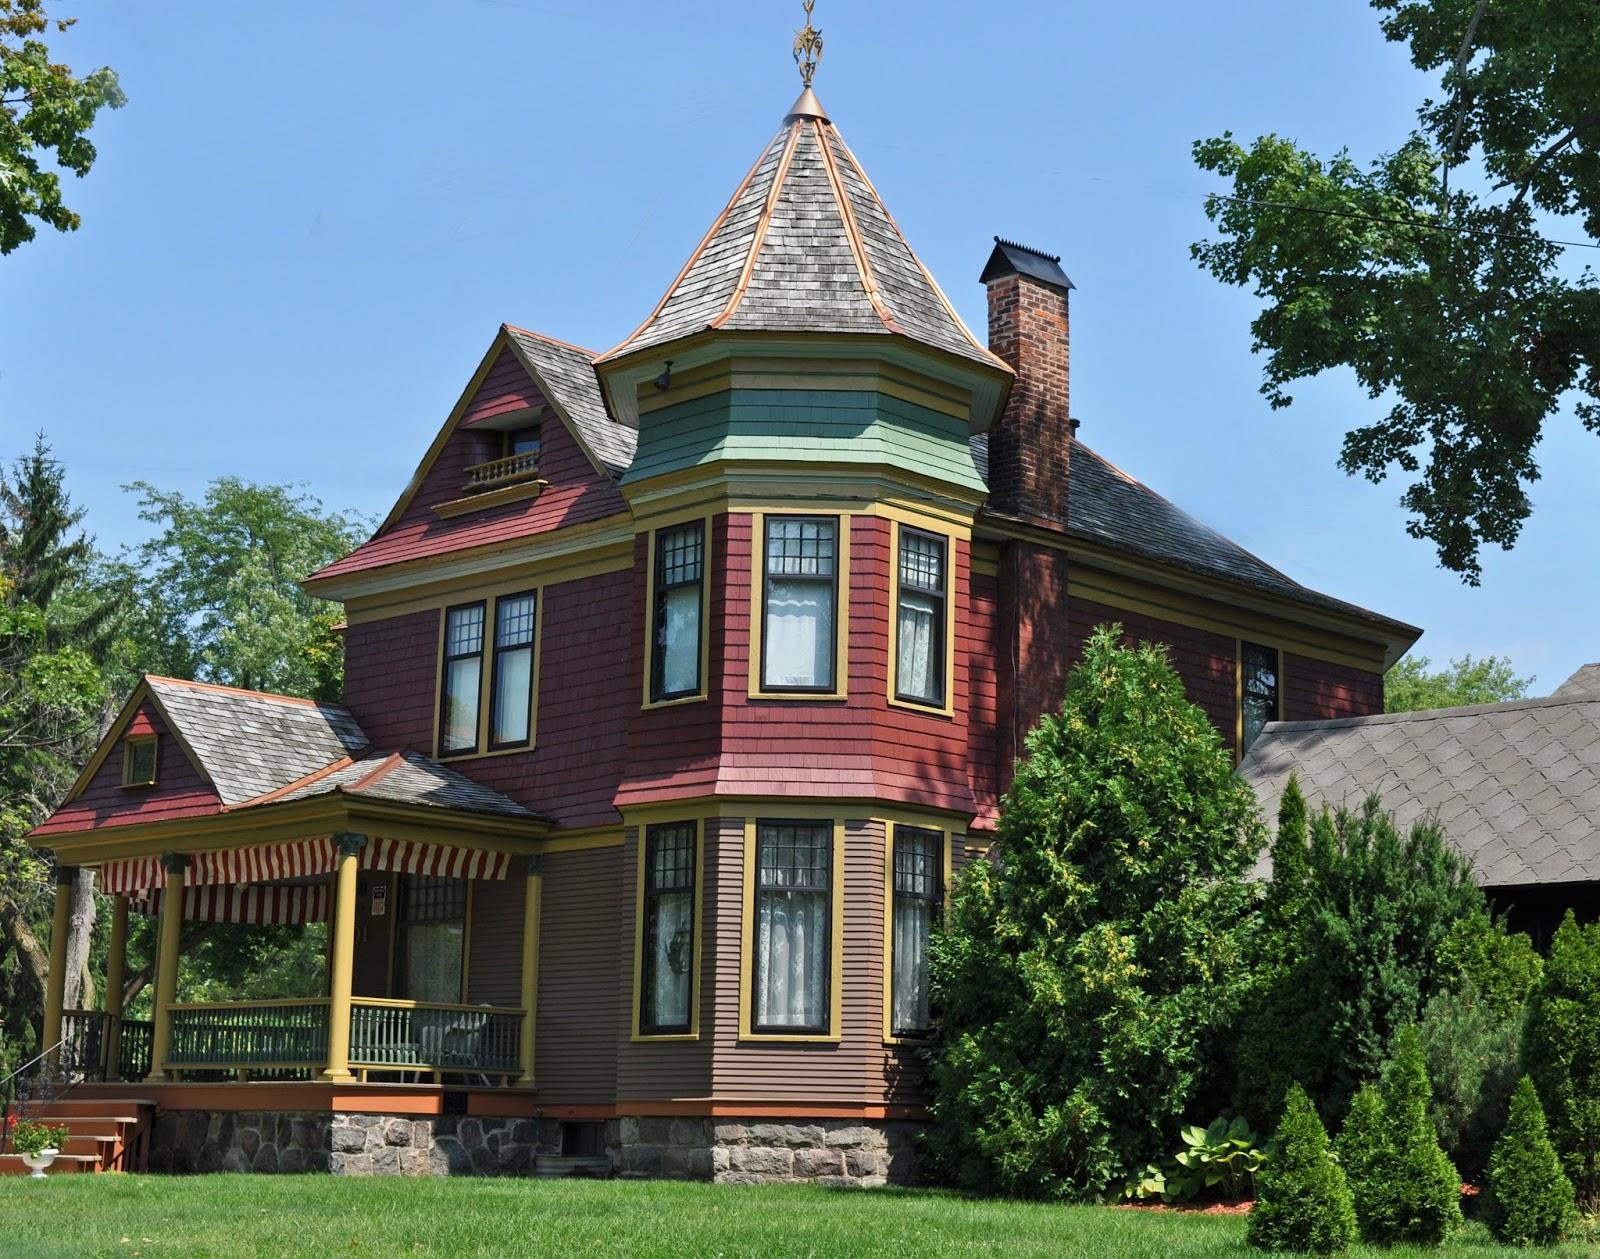 Foto dei desideri desires 39 s pictures la casa dei miei - Casa stile vittoriano ...